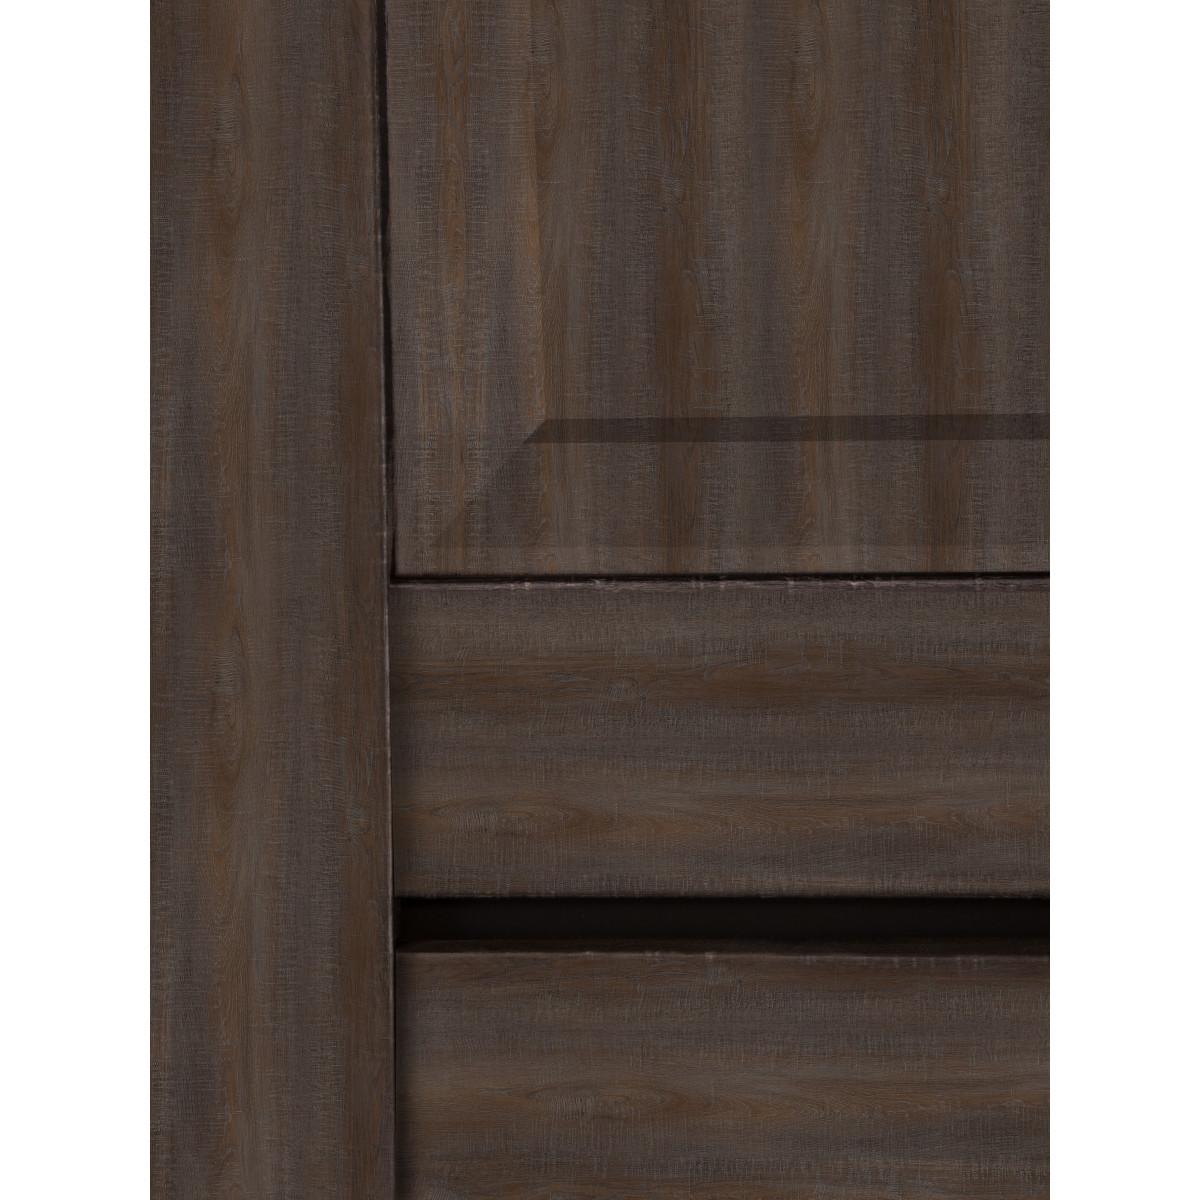 Дверь Межкомнатная Гранде 80Х200 Cpl Цвет Дуб Соубери С Фурнитурой